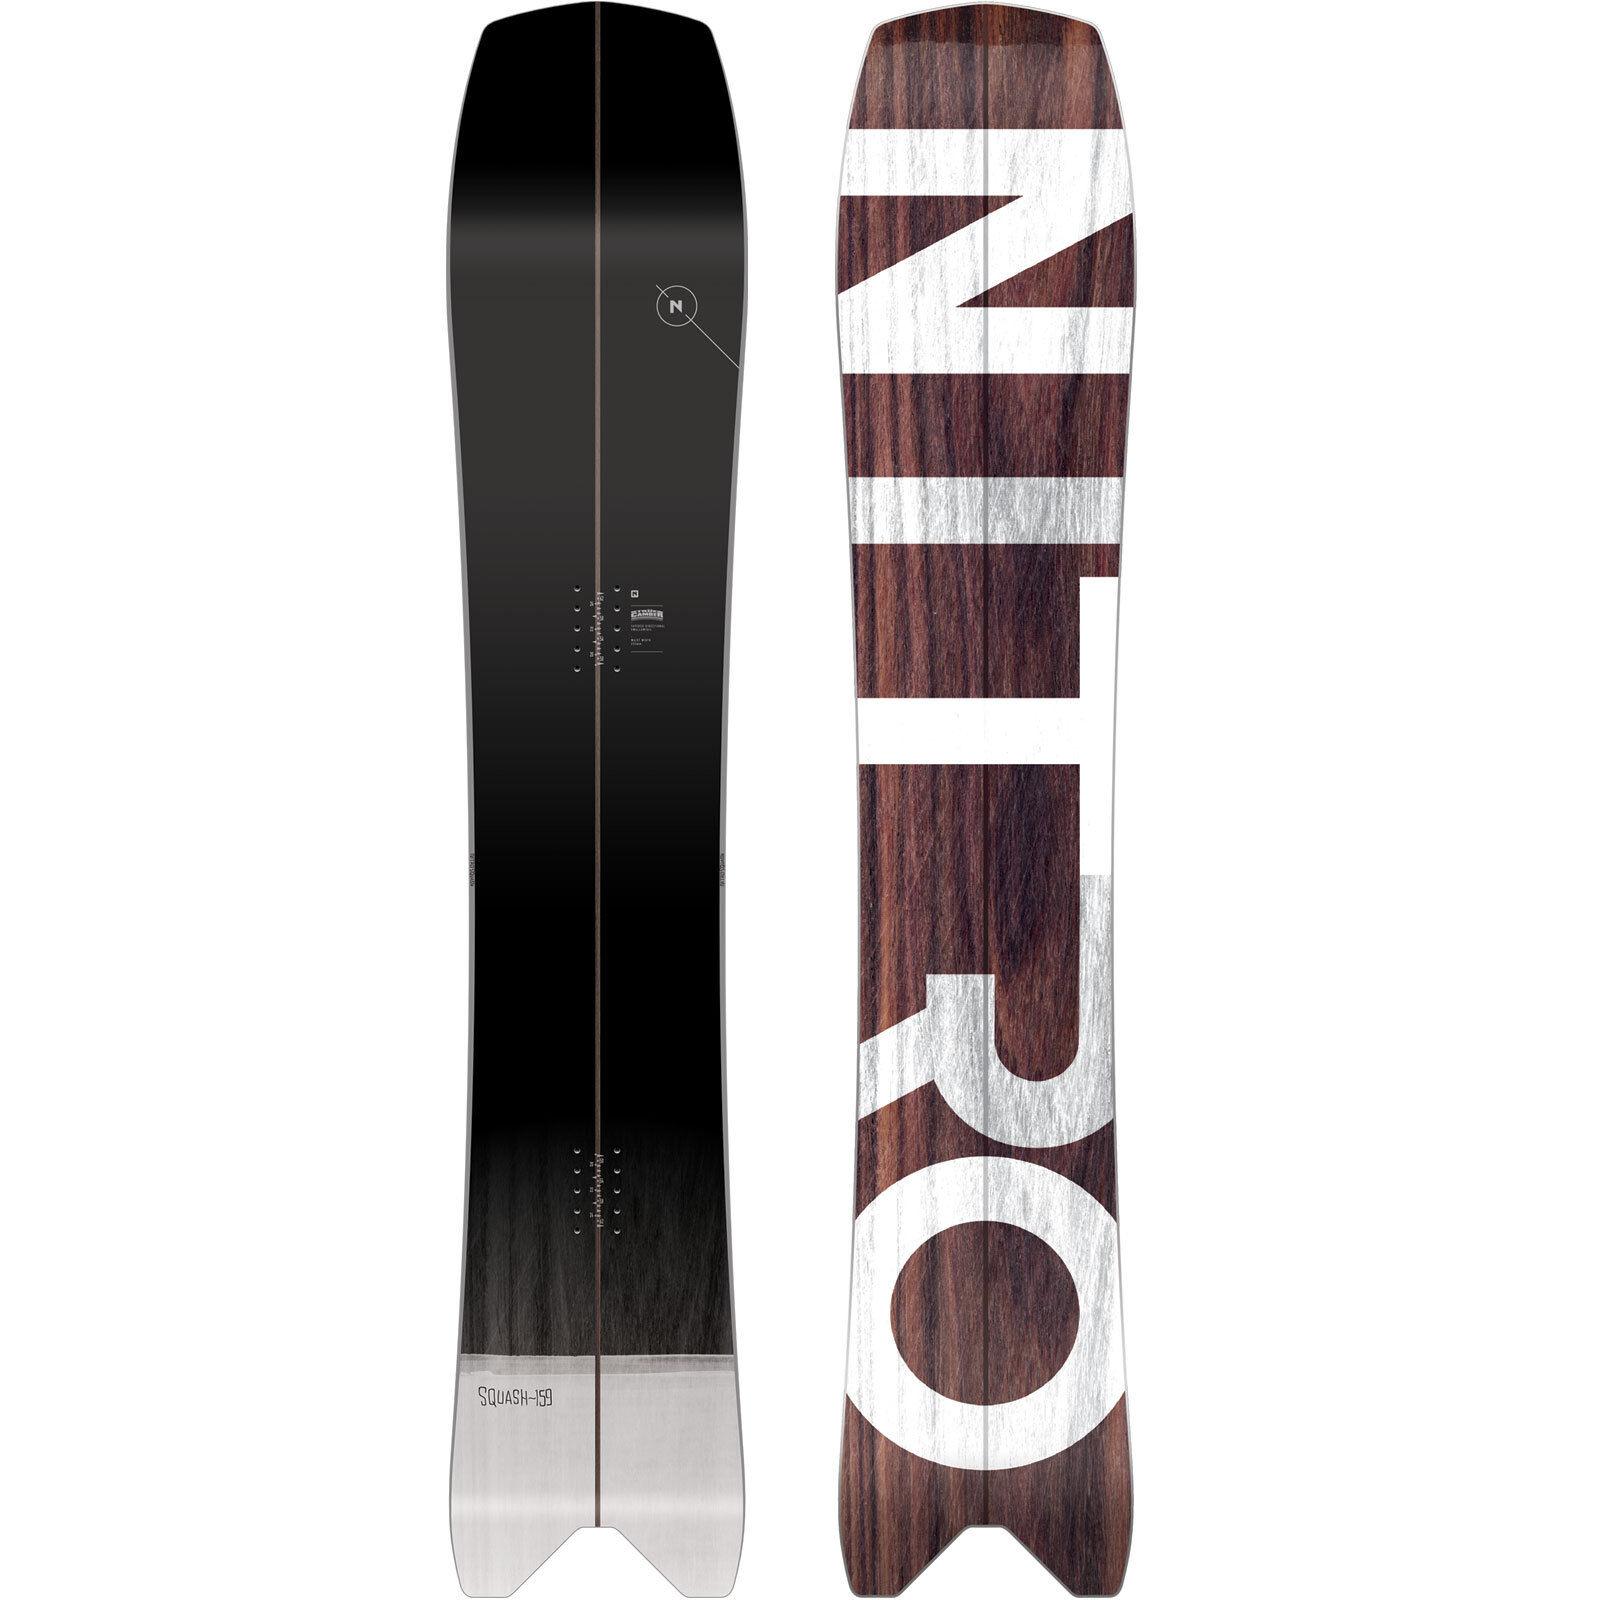 Nitro Squash Hombres Snowboard All Mountain Freeride Cola de de de Golondrina 2019 db7e50